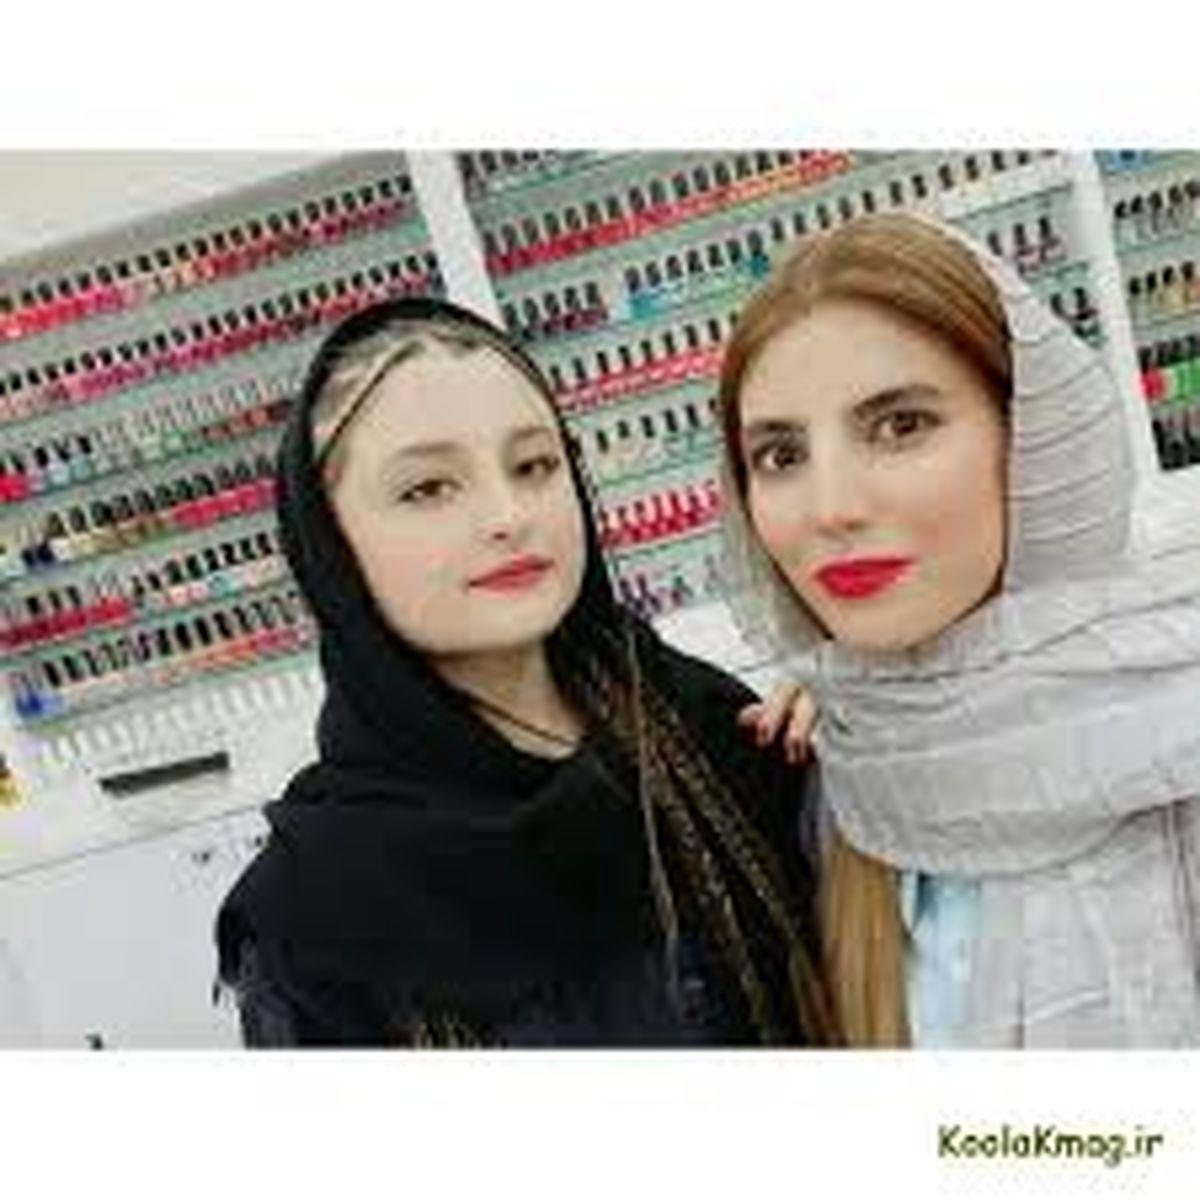 سارا و نیکا در آرایشگاه لاکچری